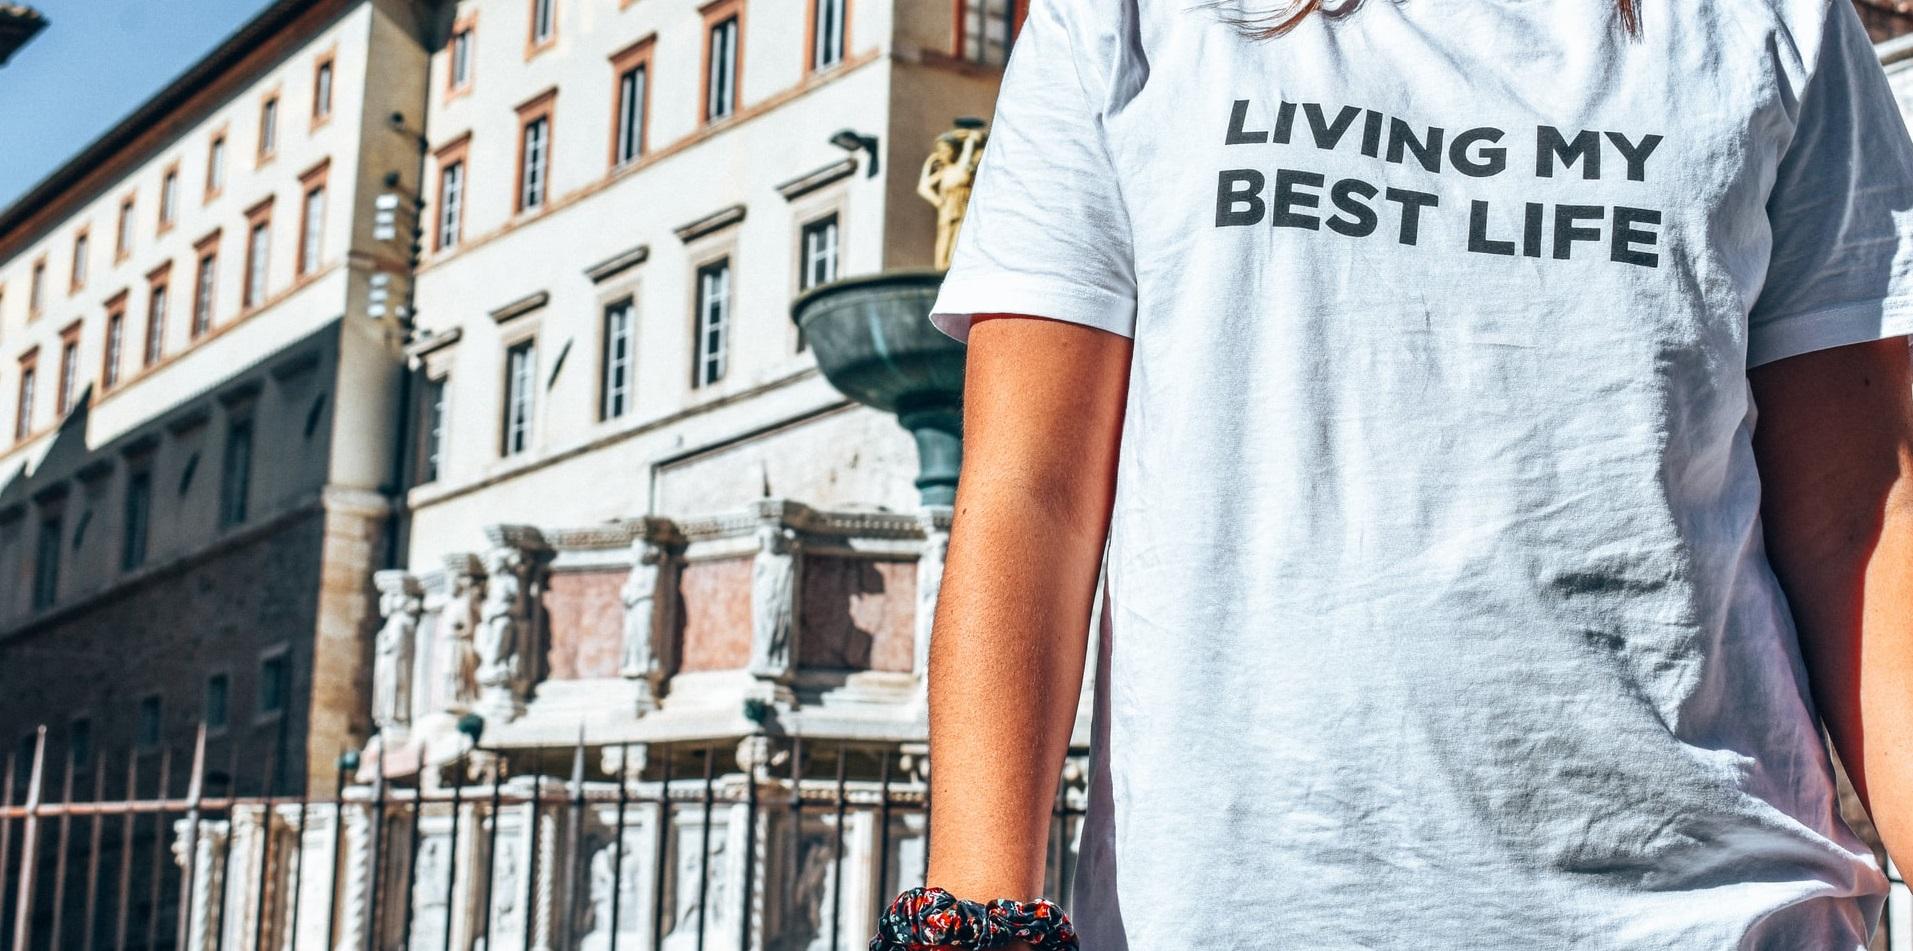 Produkcja jednej koszulki pochłania wodę na 2,5 roku życia - Klimat.rp.pl